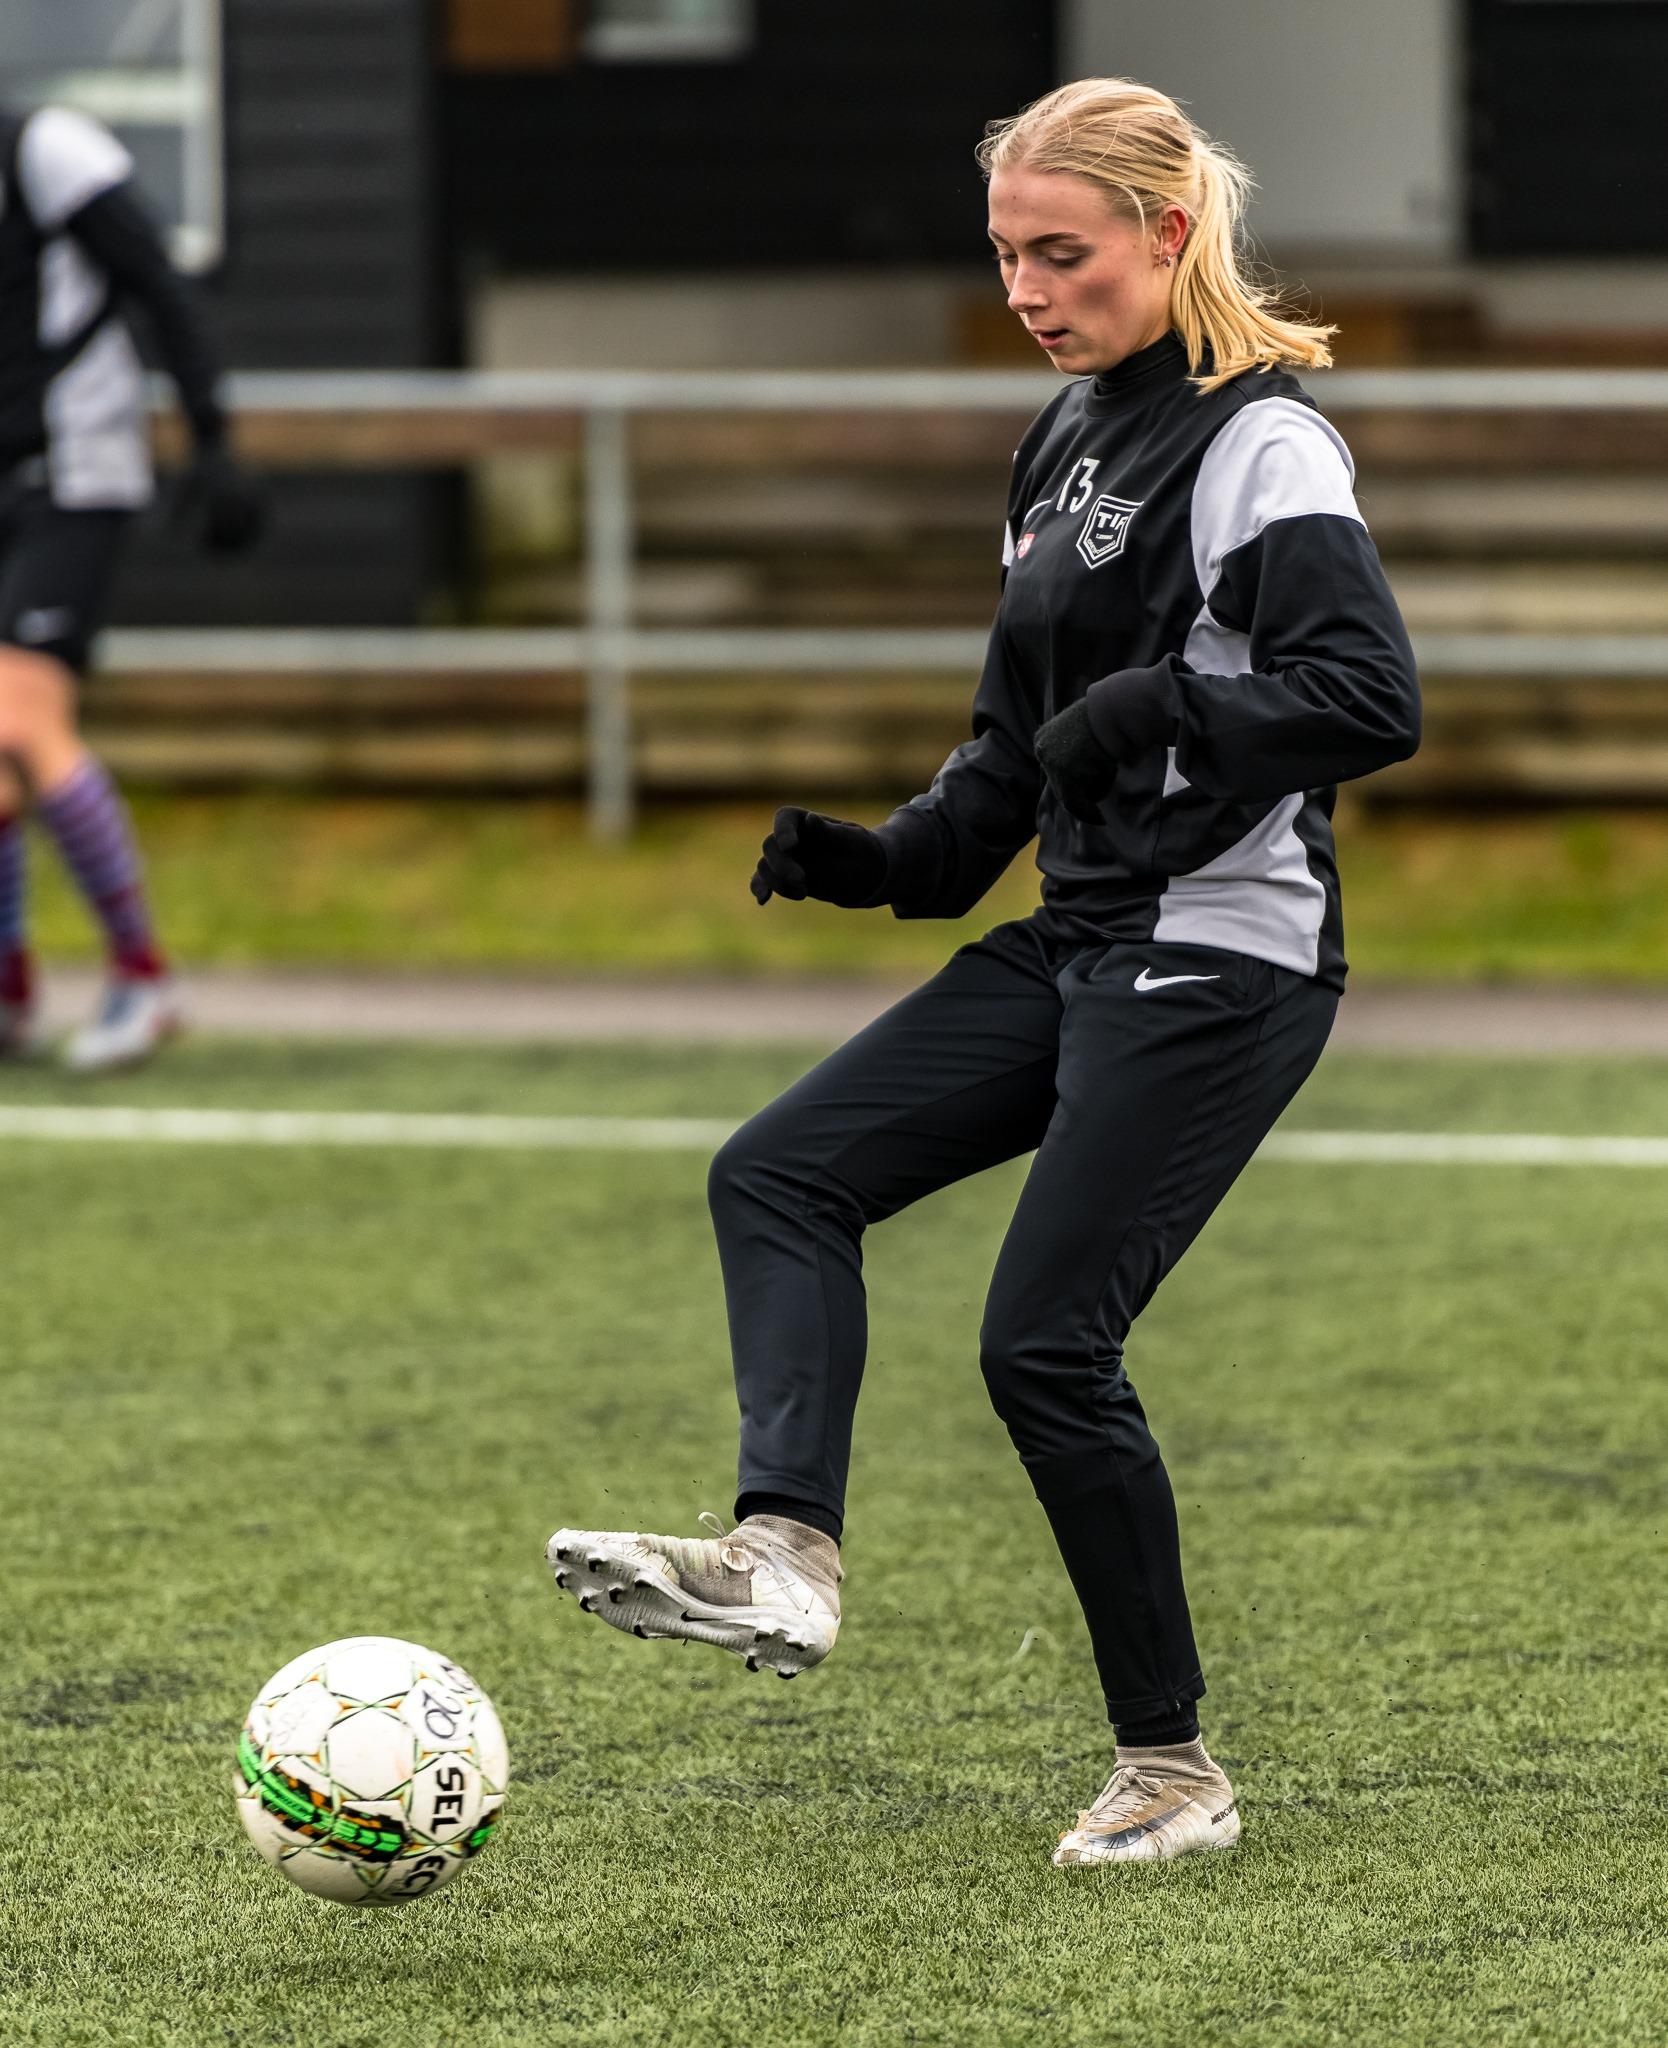 Jugadora fútbol Tjørring IF